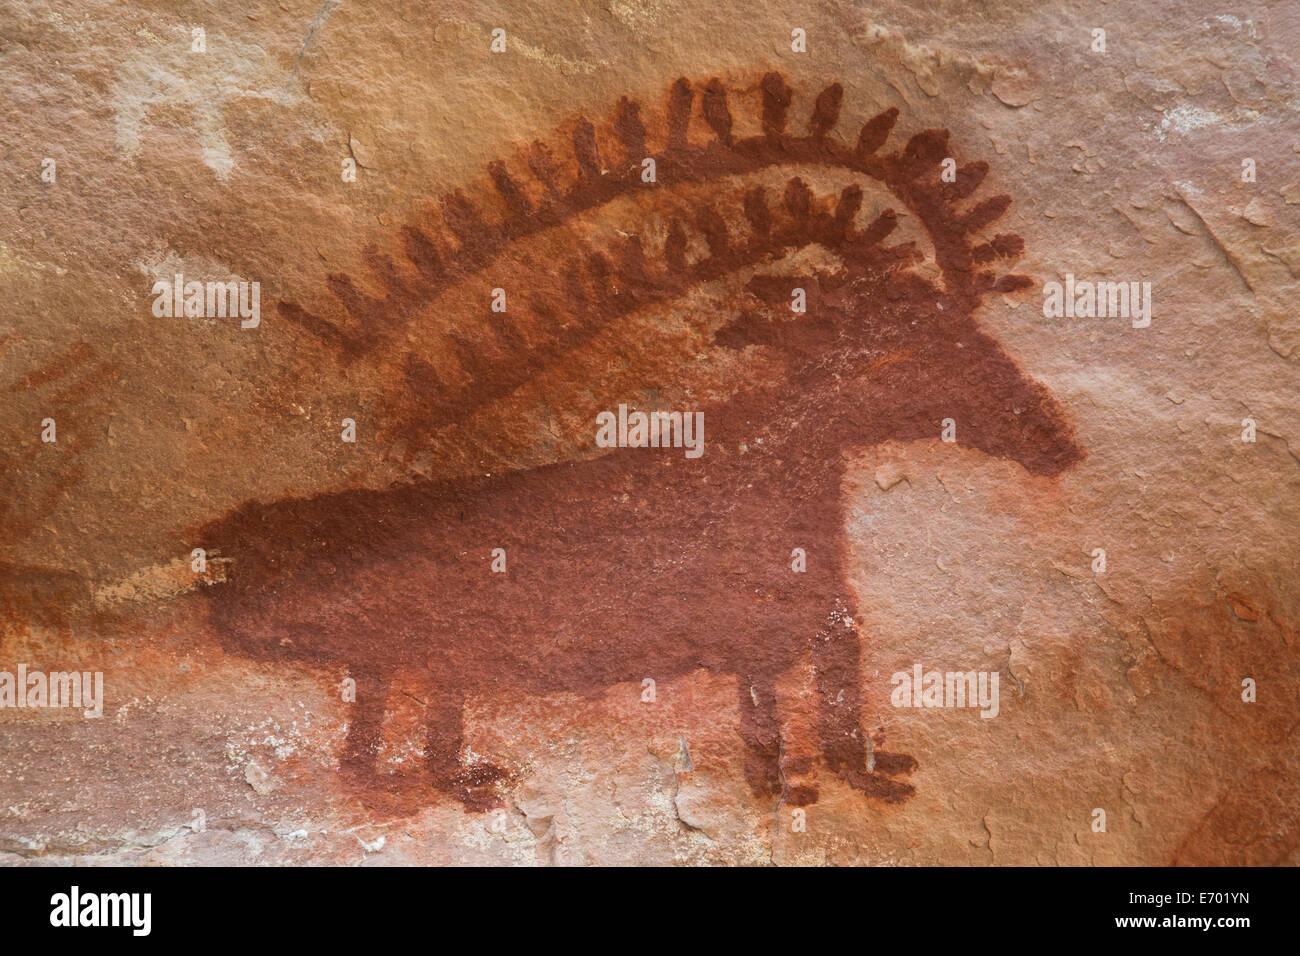 USA, Utah, Dinosaur National Monument, Jones Hole, Fremont style pictographs, AD 700 to AD 1200 - Stock Image